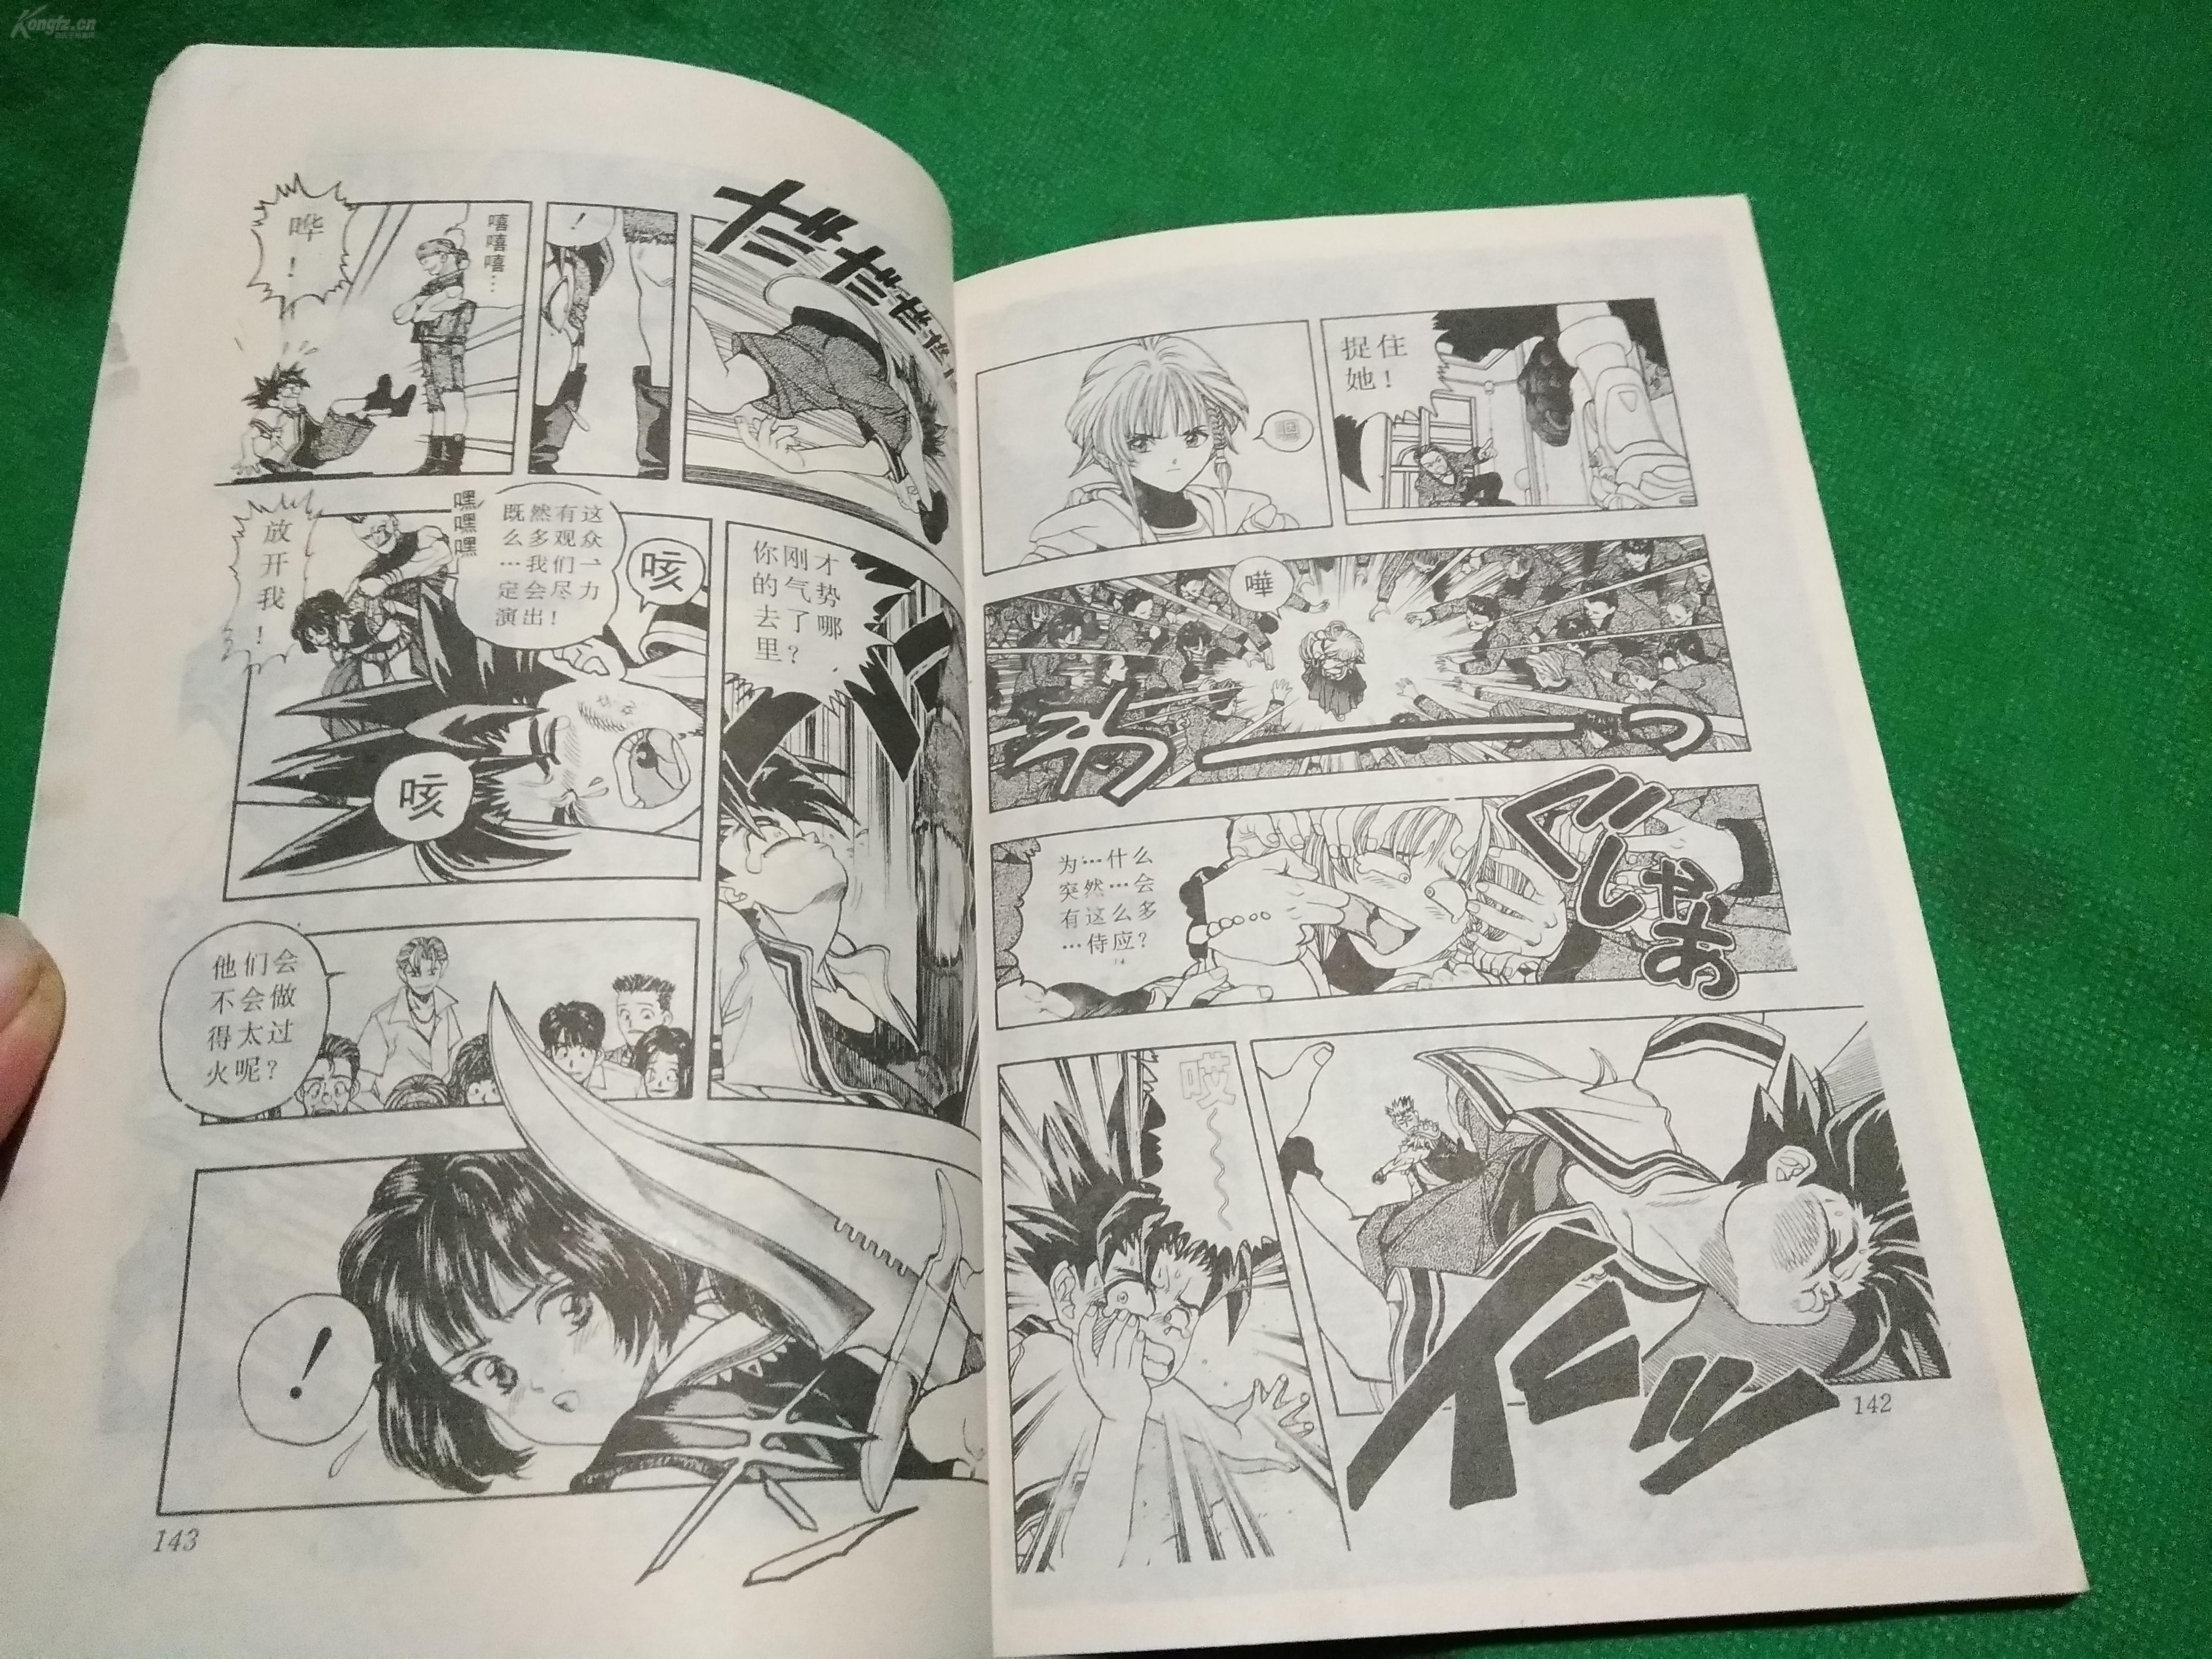 【图】漫画:D.N.A(1-5册合拍)(品看图自定)有的漫画搞基哪些图片